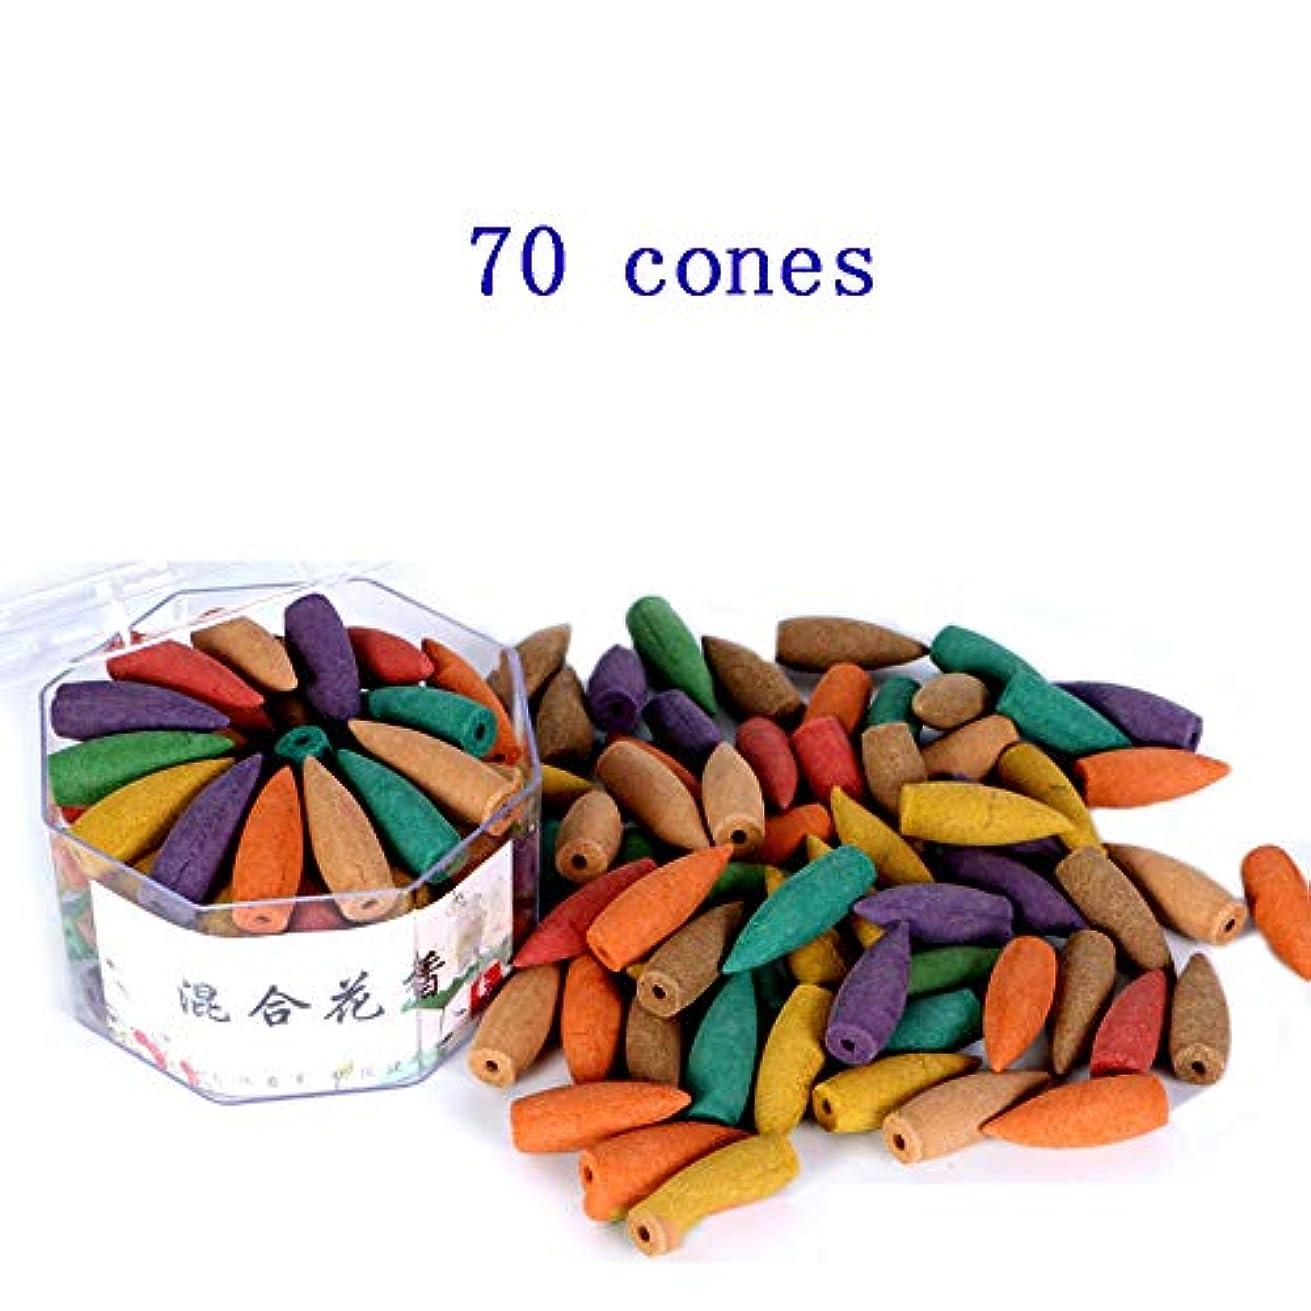 指導する責任者無限大(In-70mixed) - Corcio 70pcs/box Lengthened Cone Tower Incense Backflow Incense Waterfall Cones for Incense Burner...